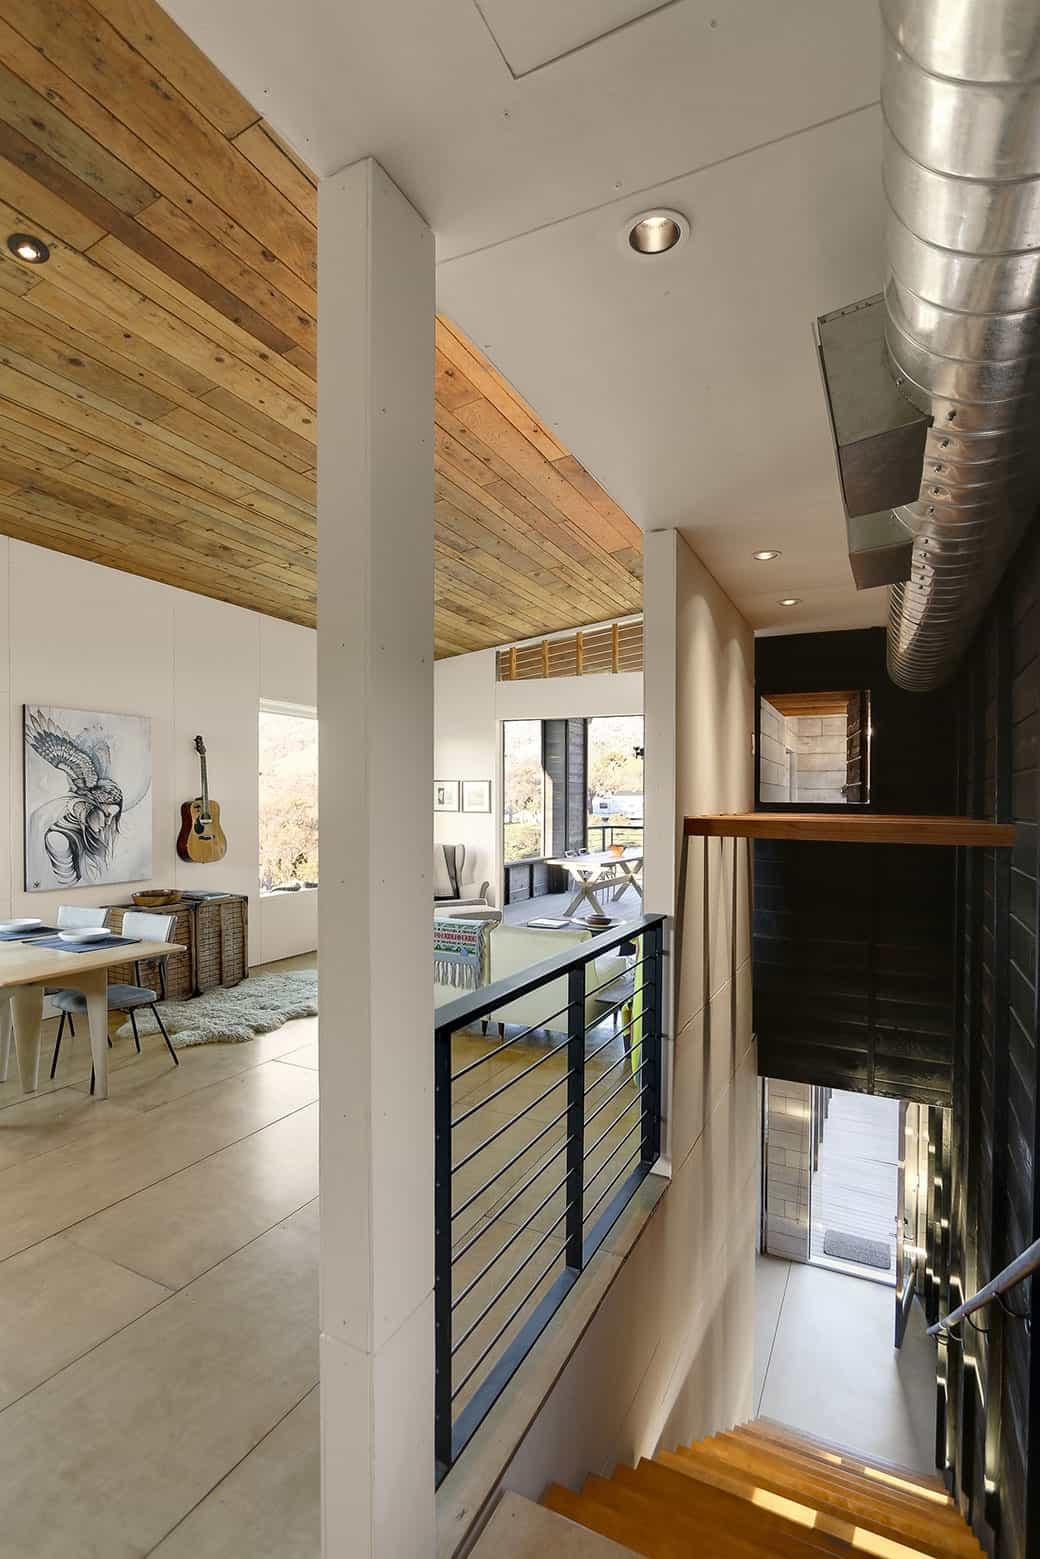 510 Cabin by Hunter Leggitt Studio (9)